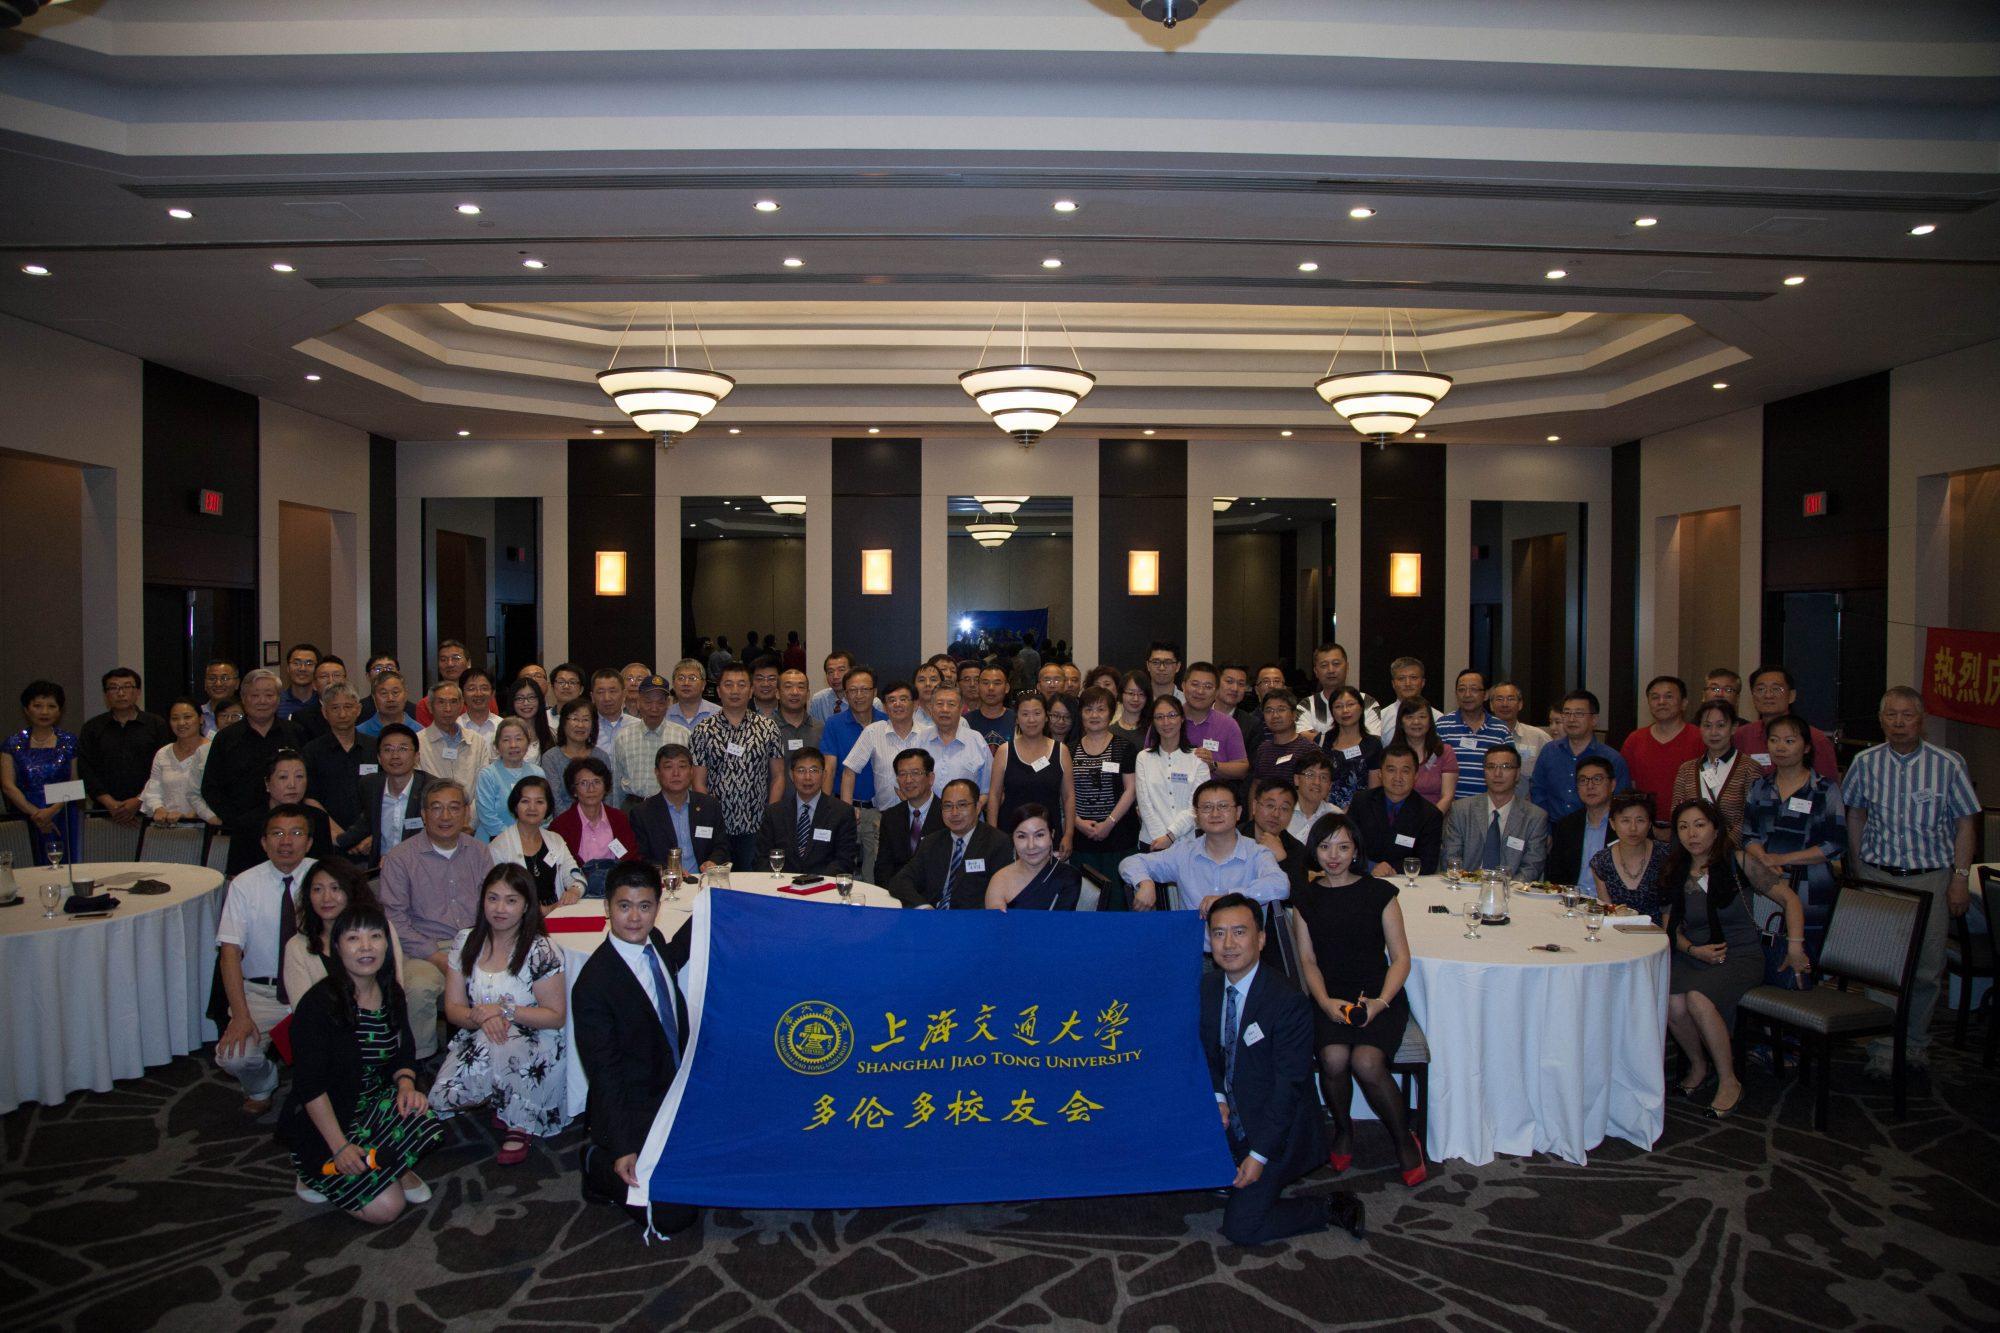 上海交通大学多伦多校友会成立大会举行